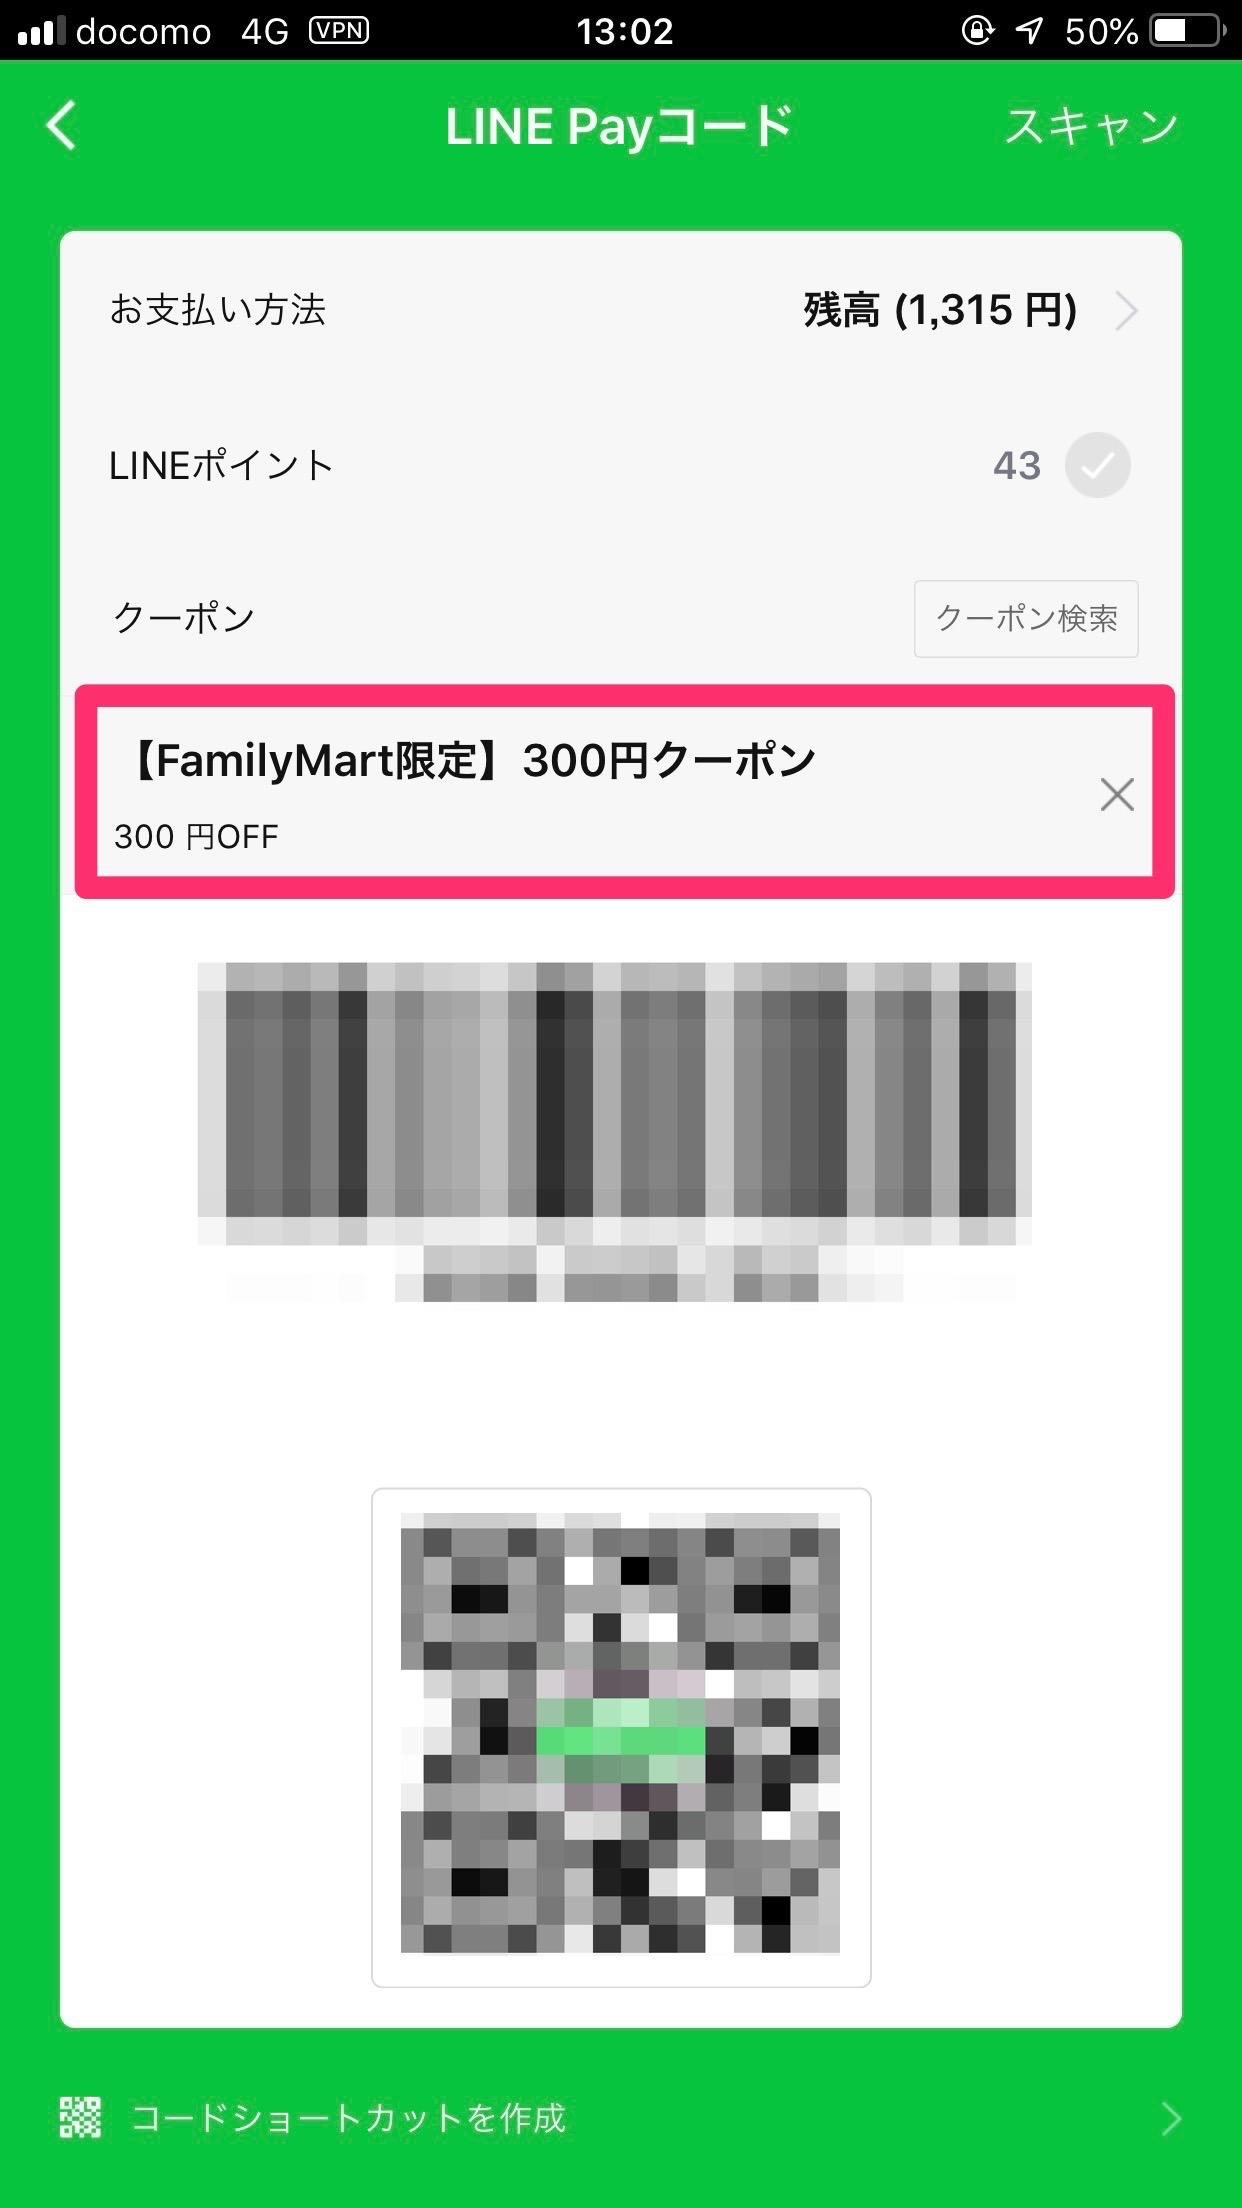 【LINE Pay】「マイクーポン」の使い方 3